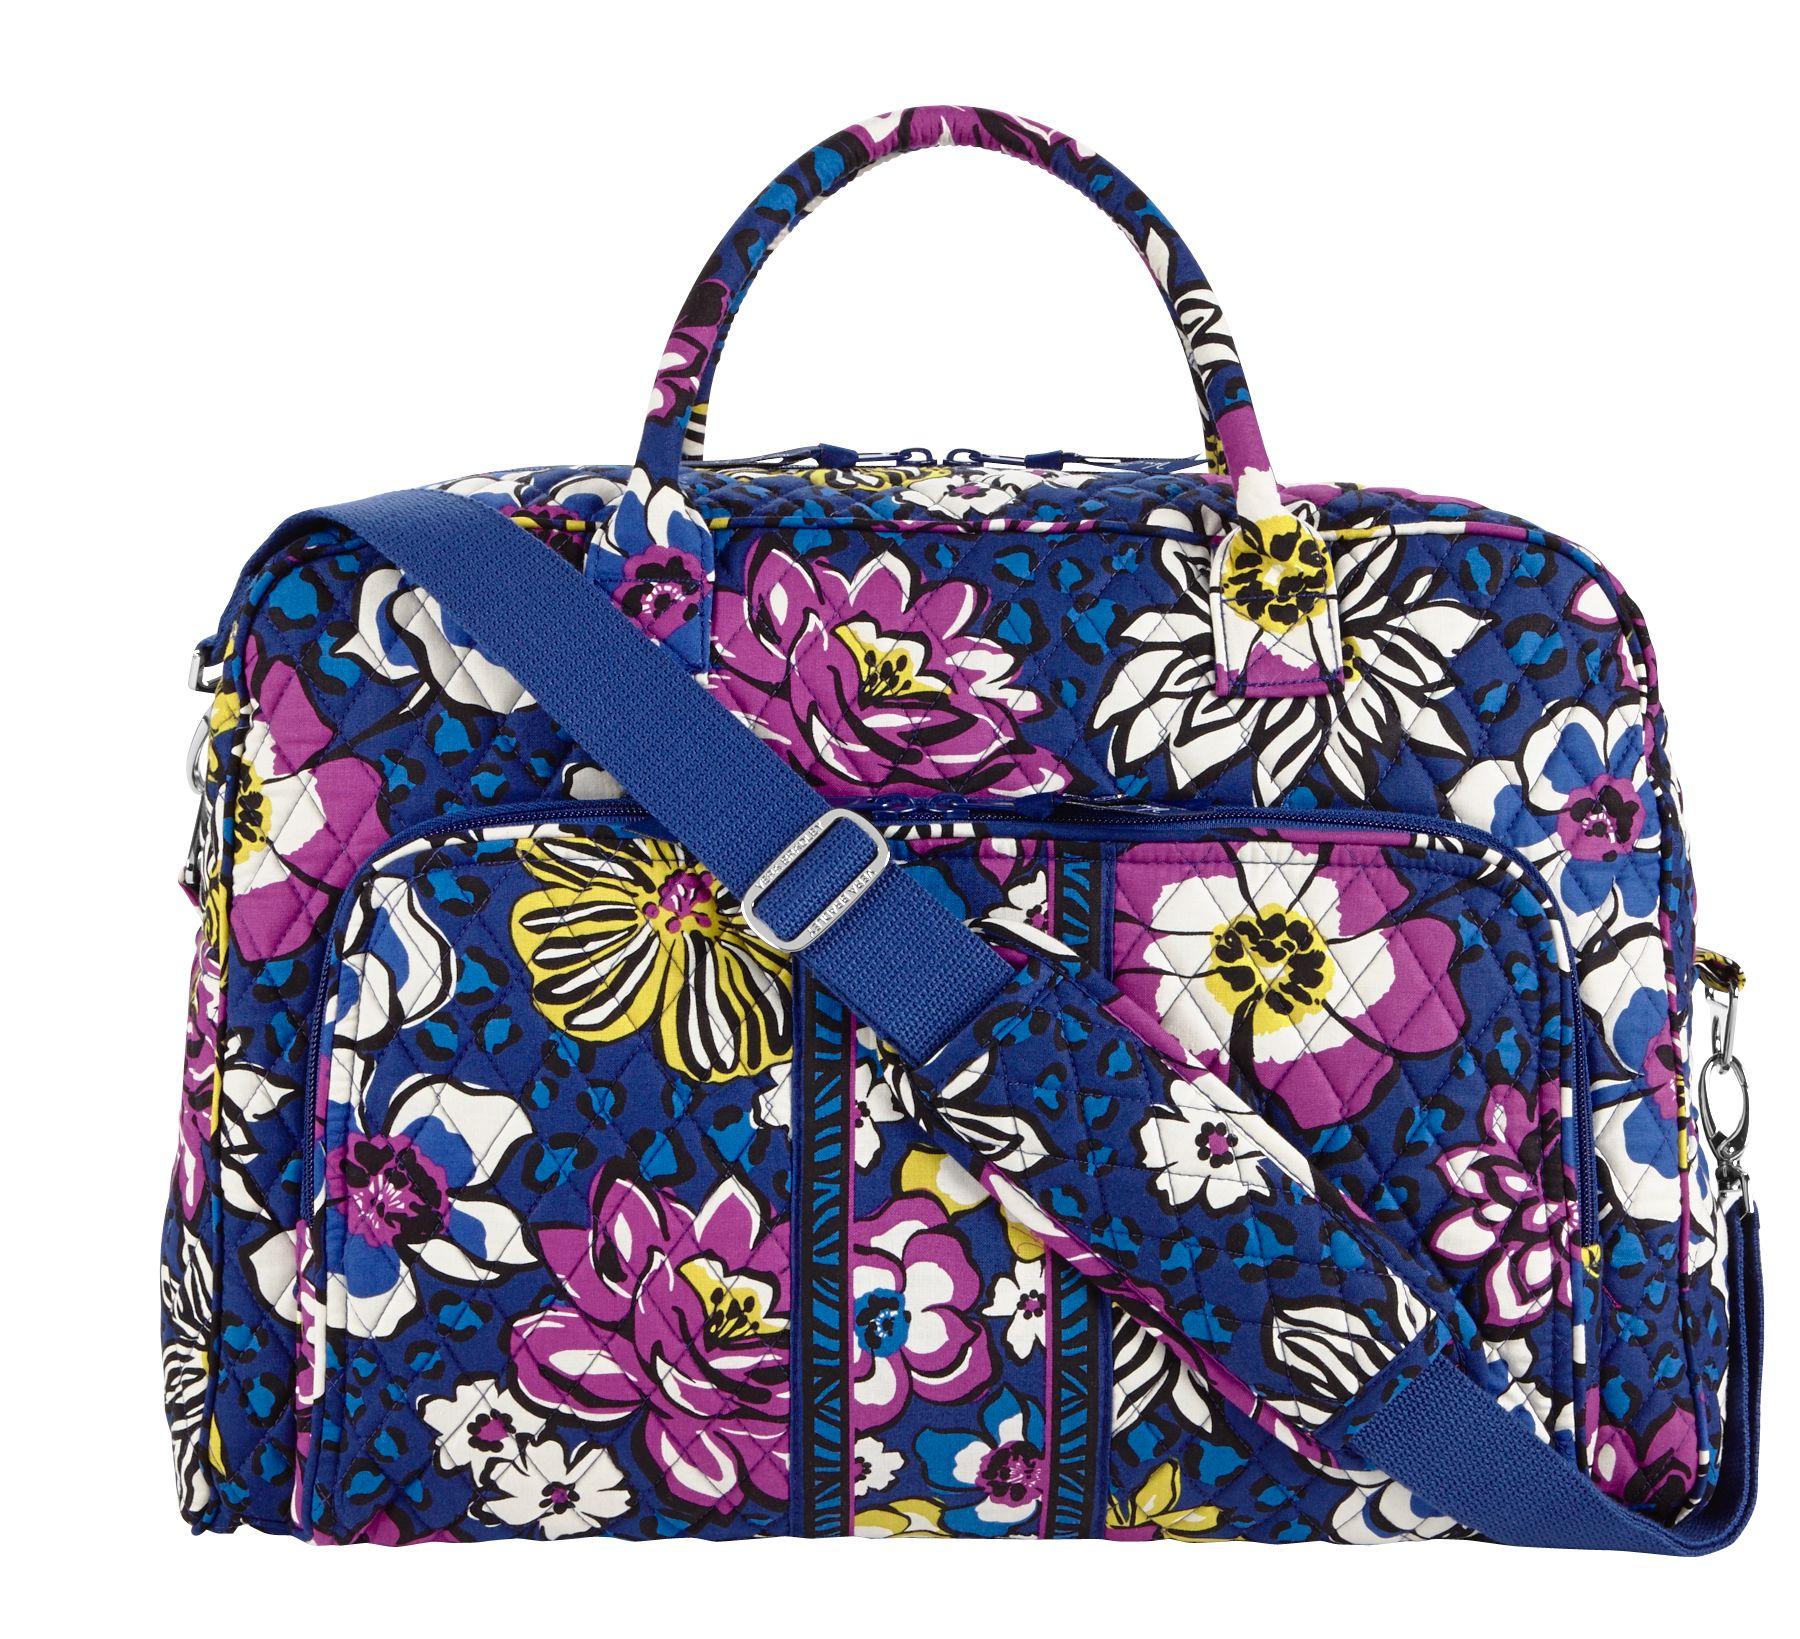 Vera Bradley Weekender Travel Bag in African Violet